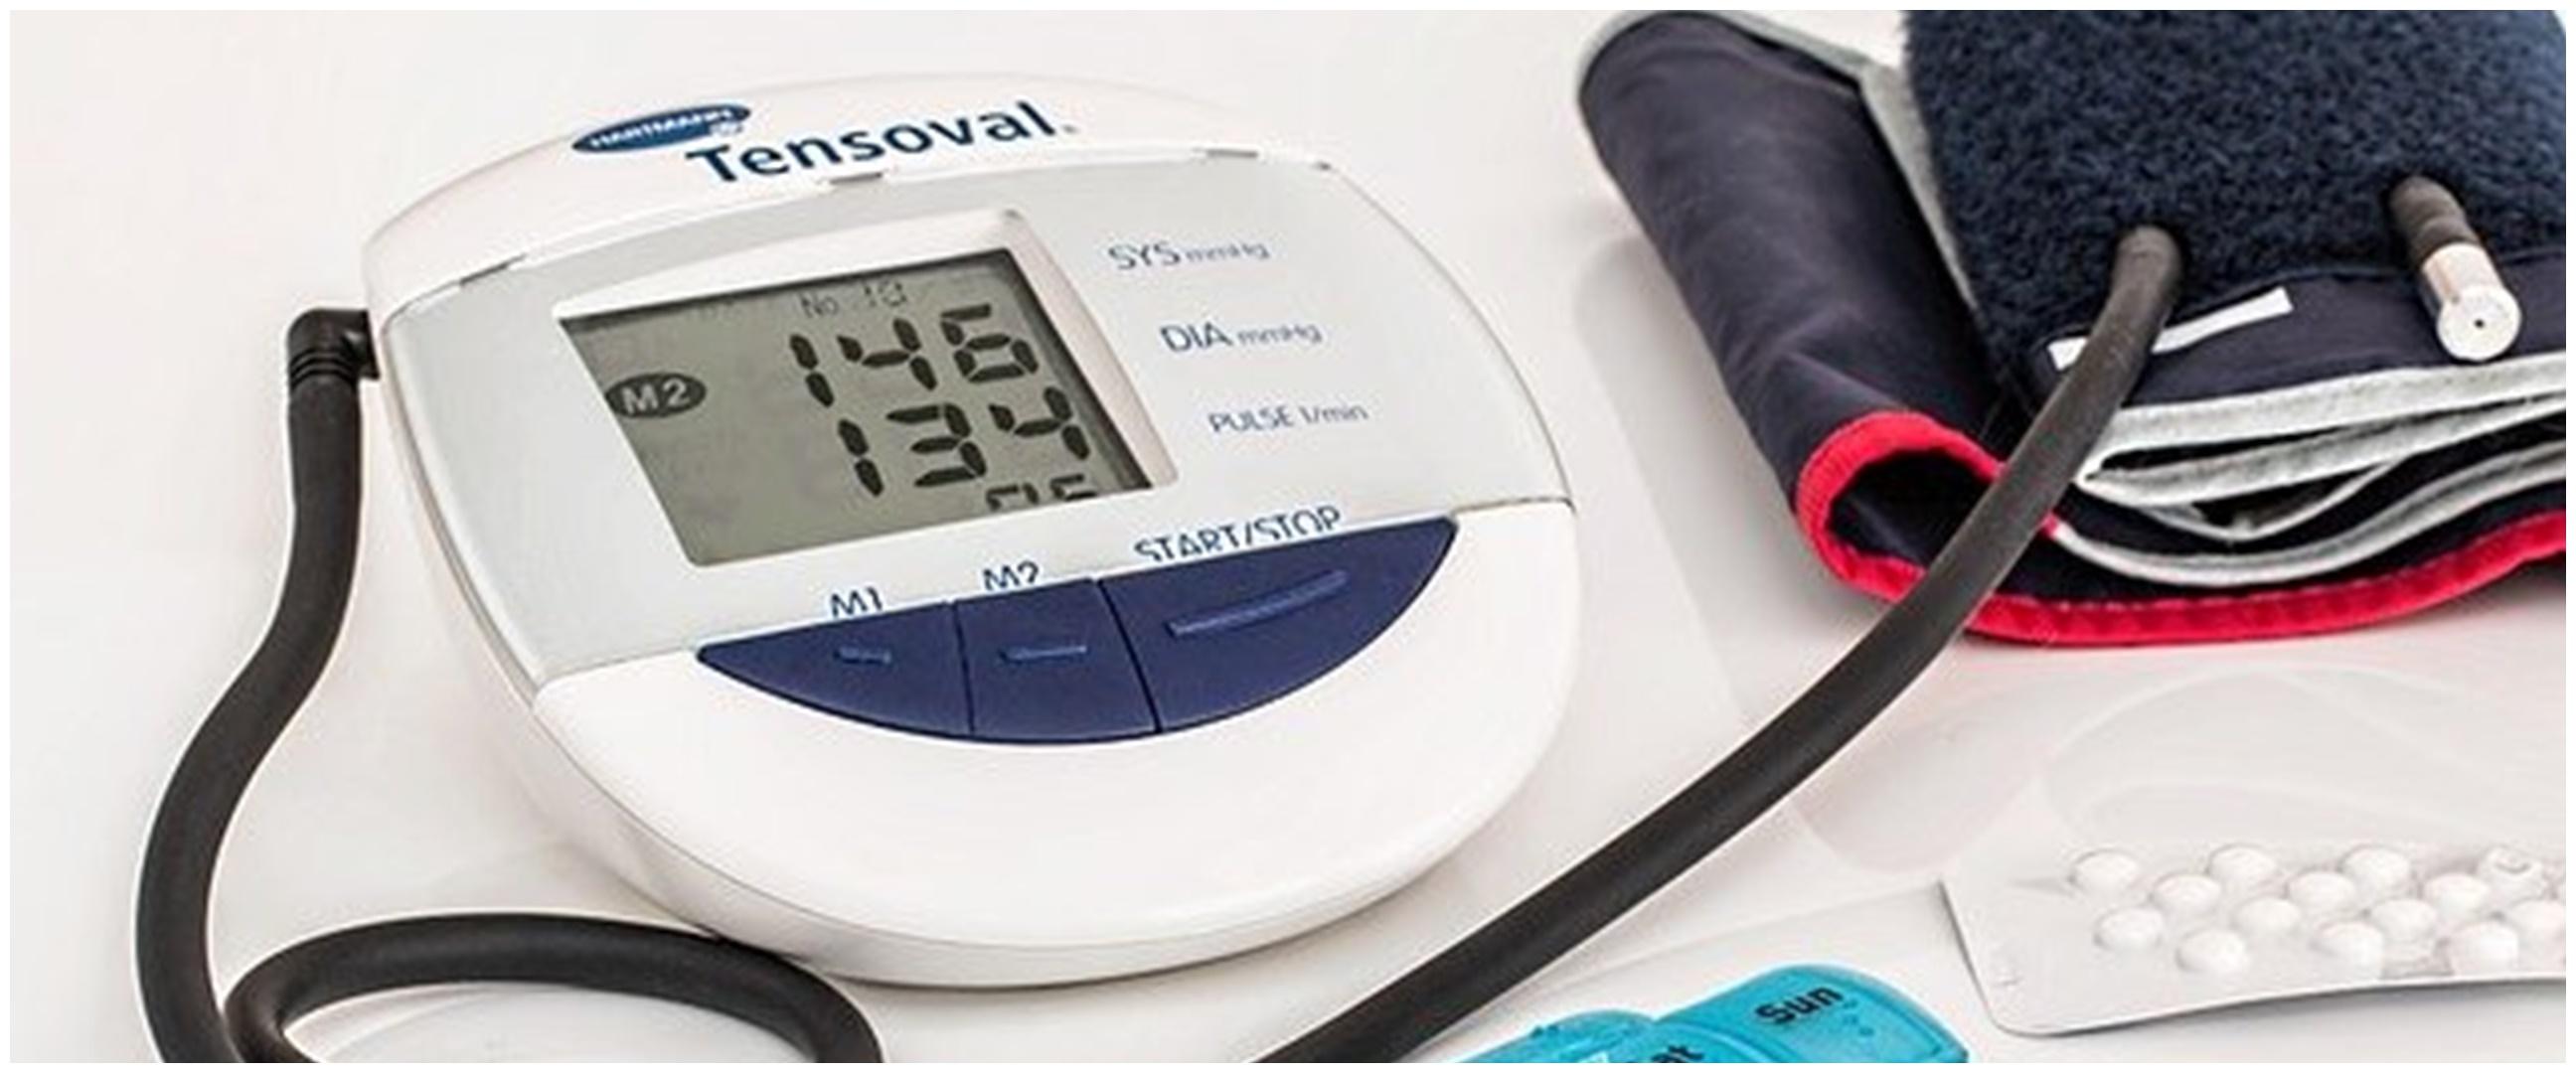 7 Buah ini efektif bantu menurunkan tekanan darah tinggi